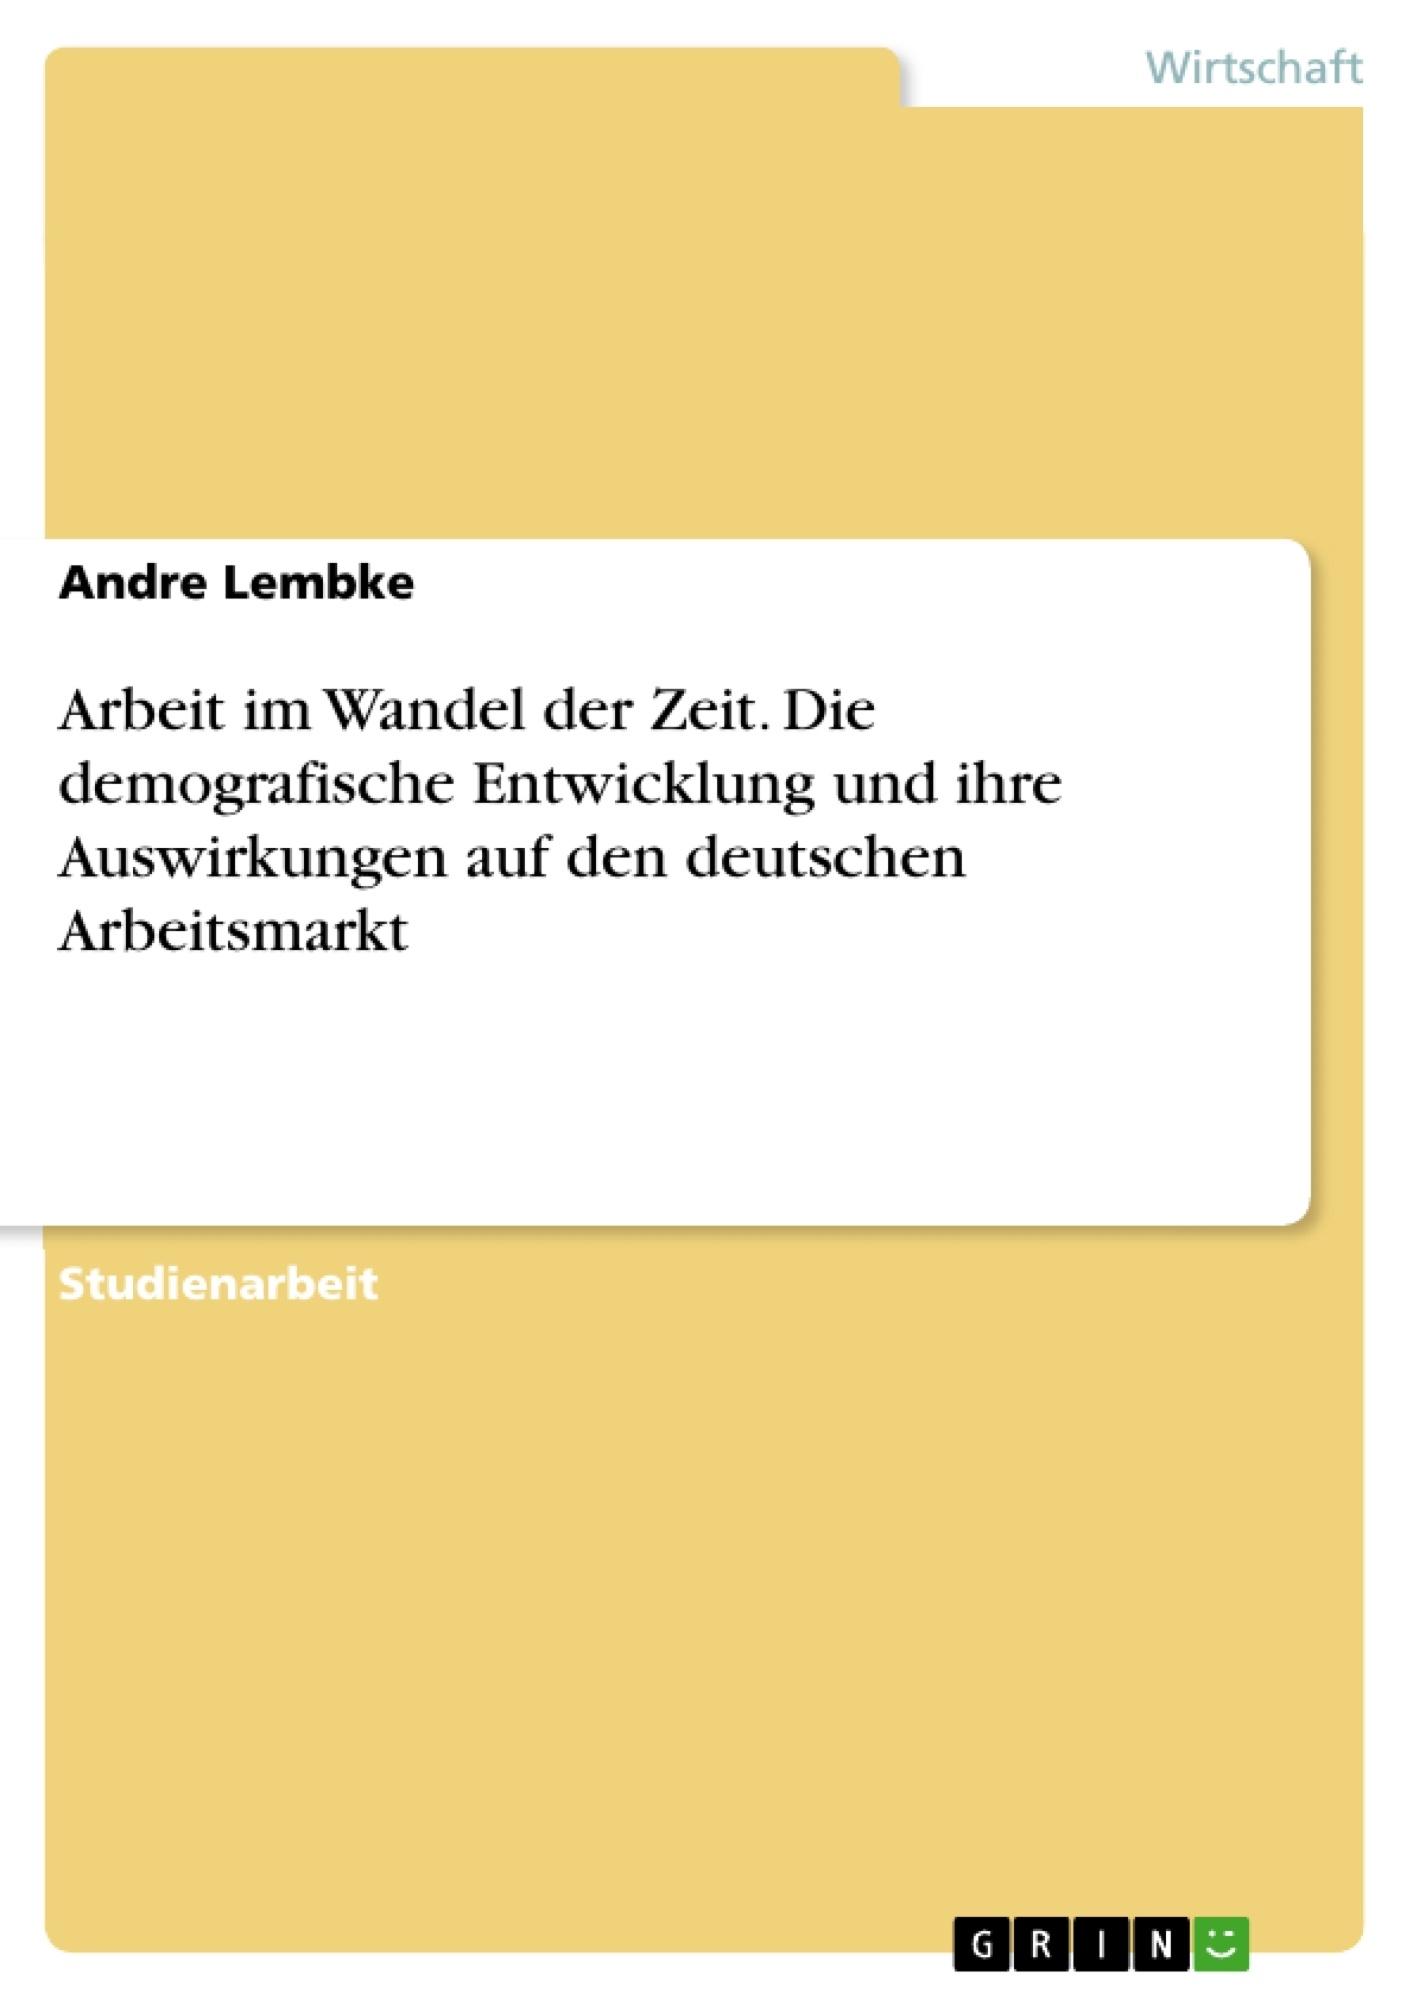 Titel: Arbeit im Wandel der Zeit. Die demografische Entwicklung und ihre Auswirkungen auf den deutschen Arbeitsmarkt